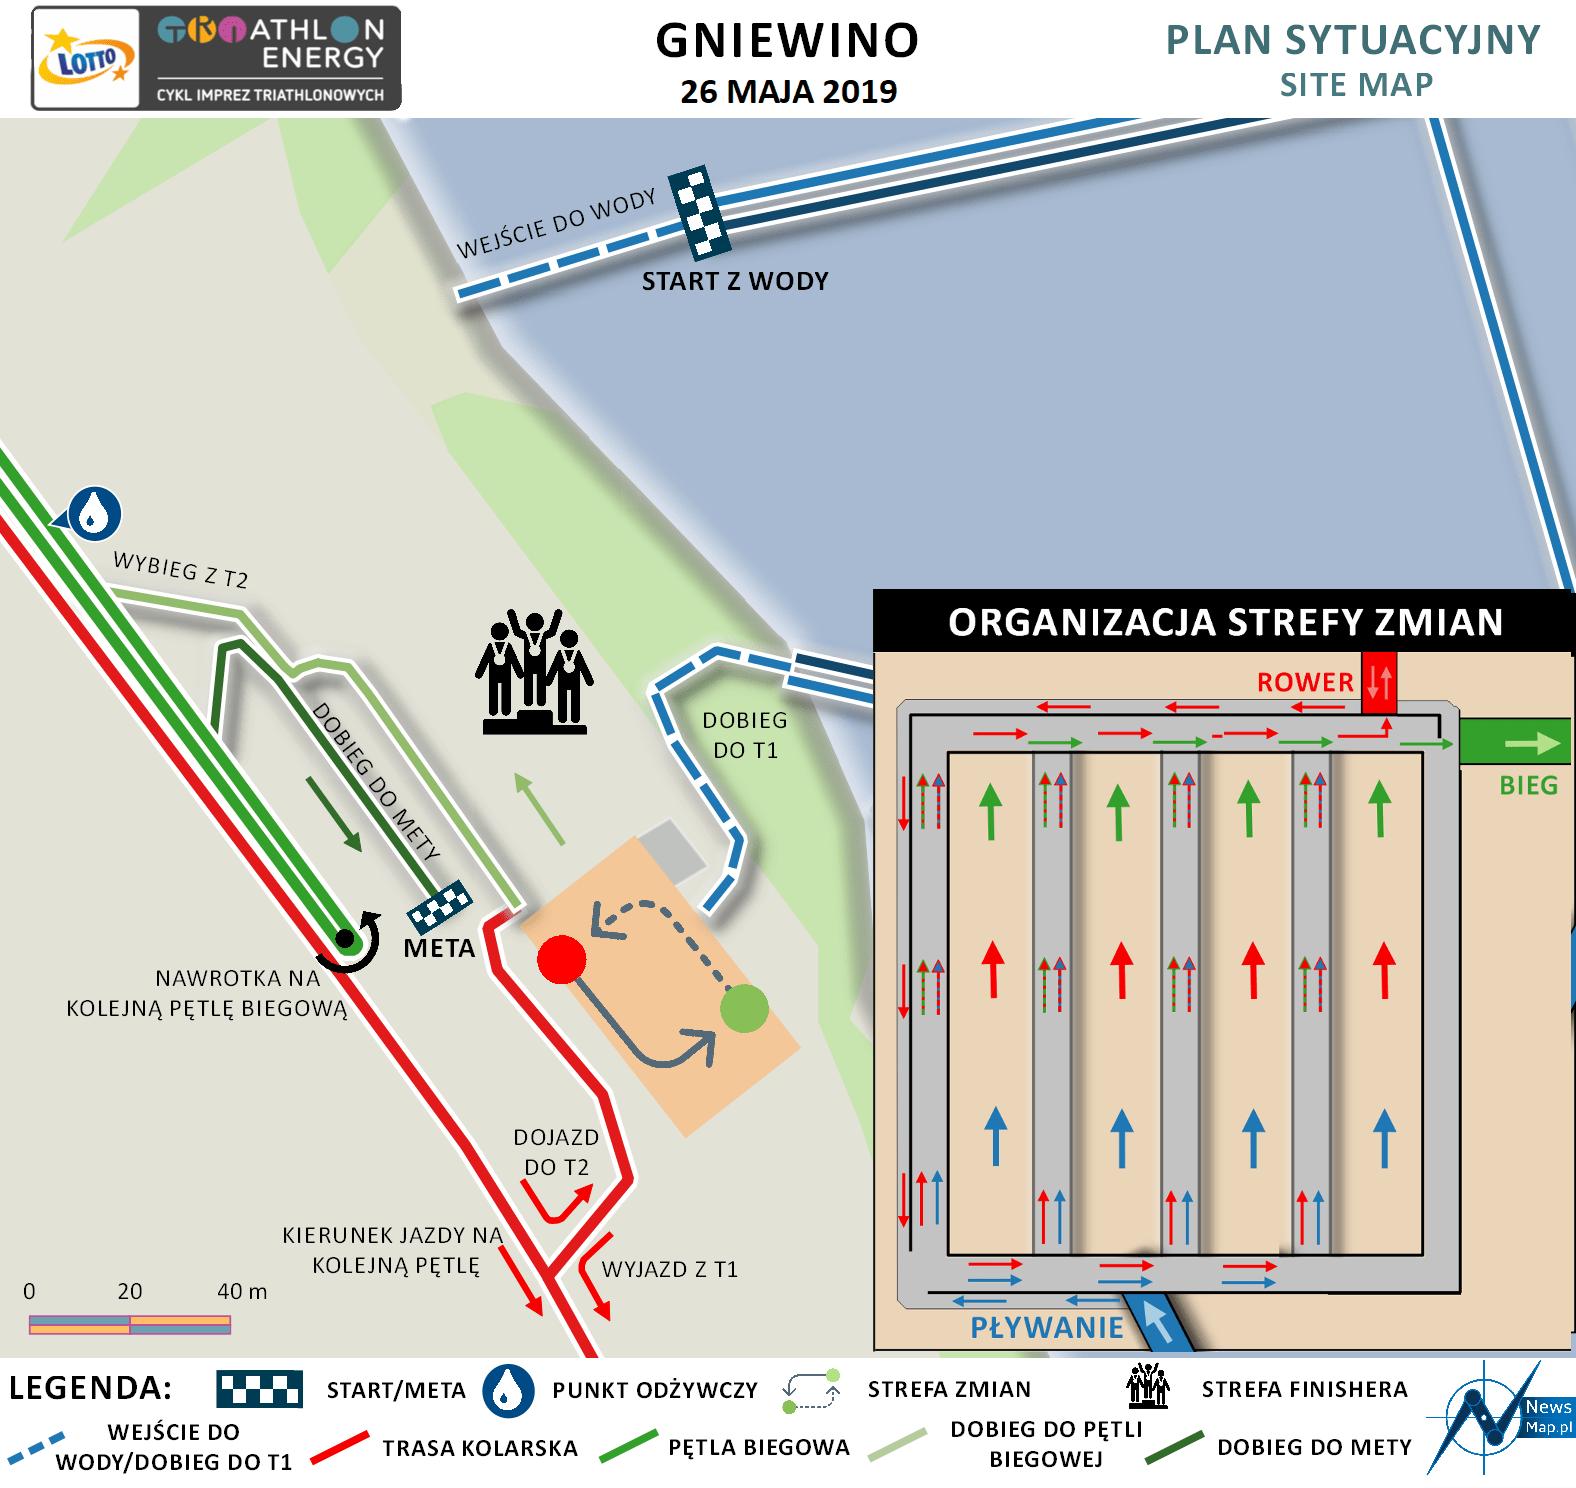 Mapa statyczna Gniewino Triathlon 2019 - plan sytuacyjny (on-line)